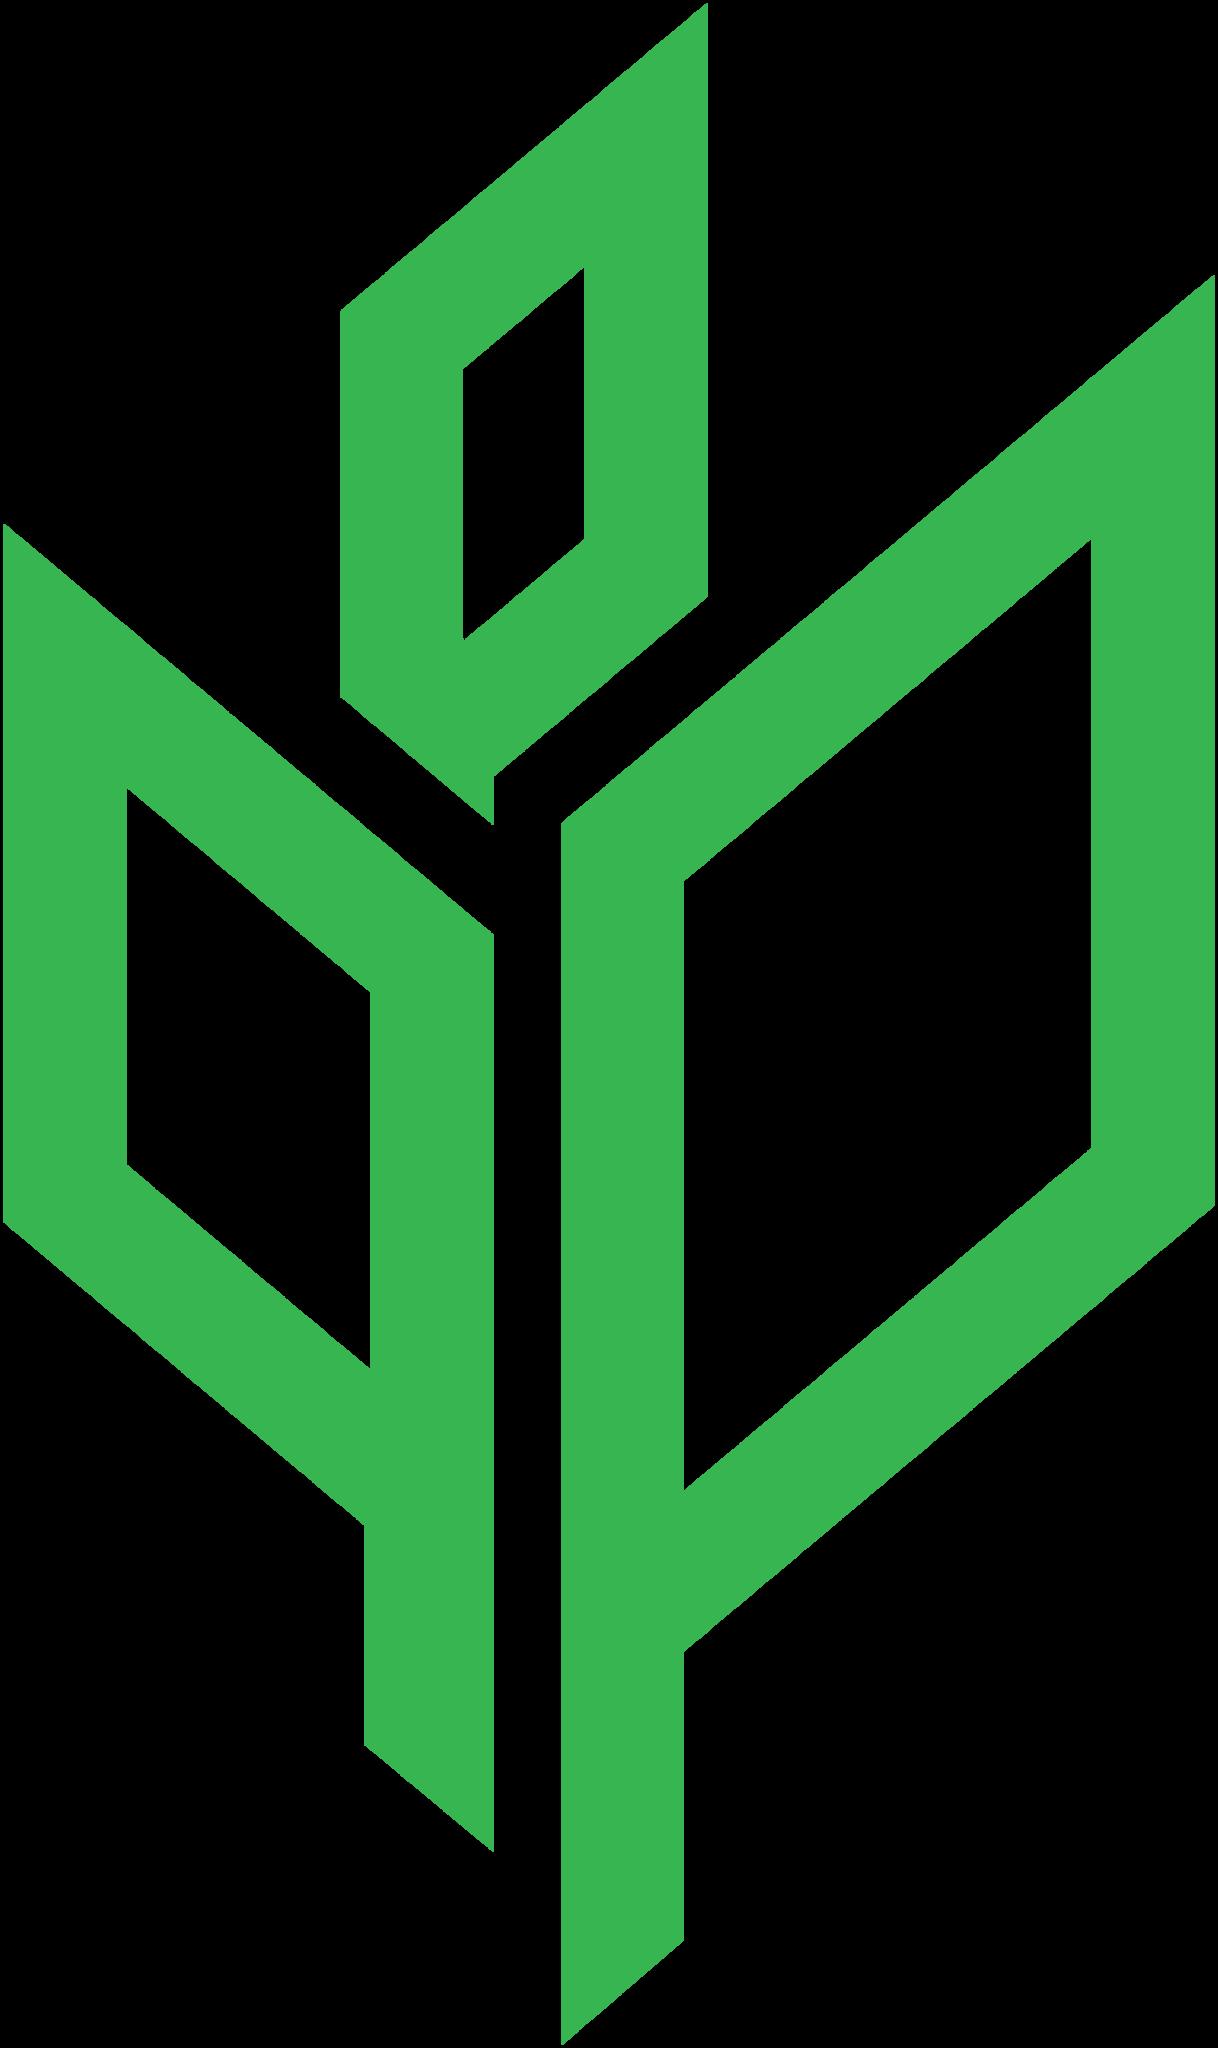 Logo de l'équipe Sprout